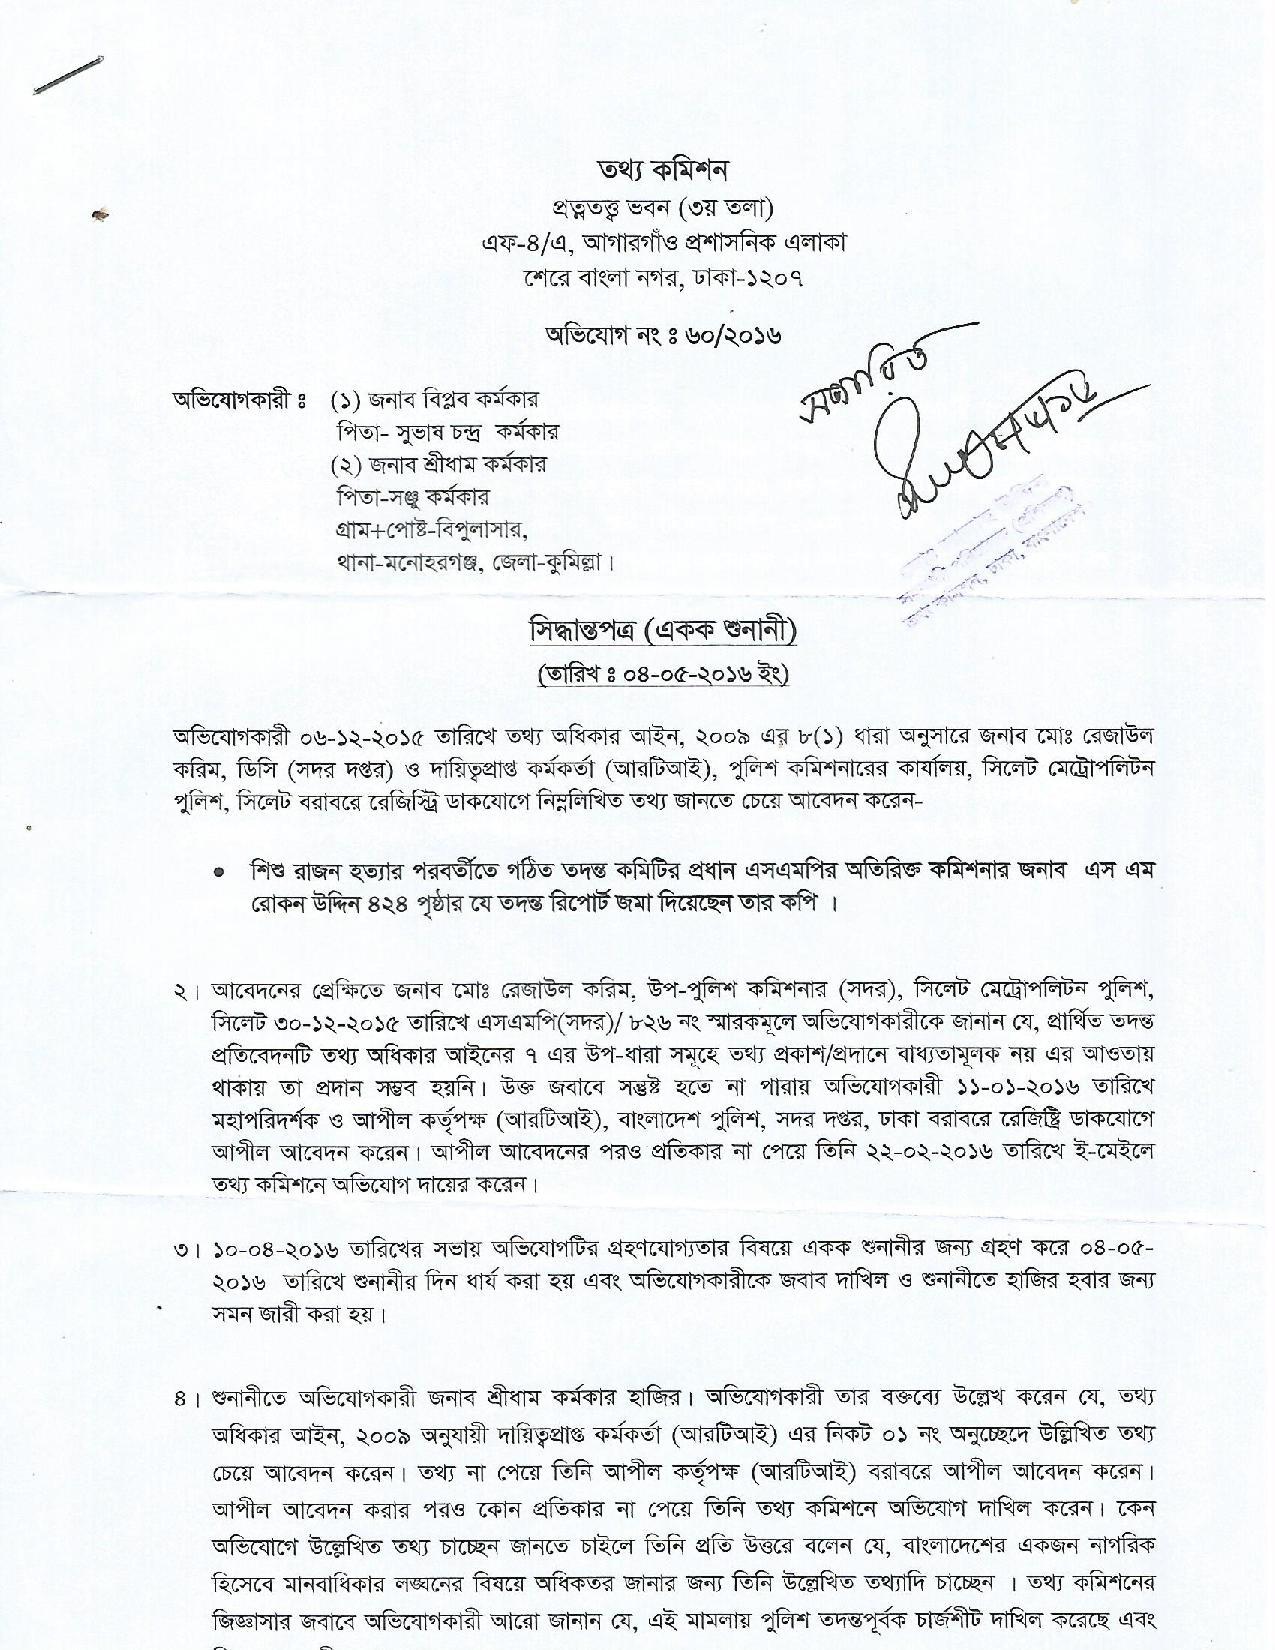 sidhanttopotro-sisu_rajon_hotta-page-002